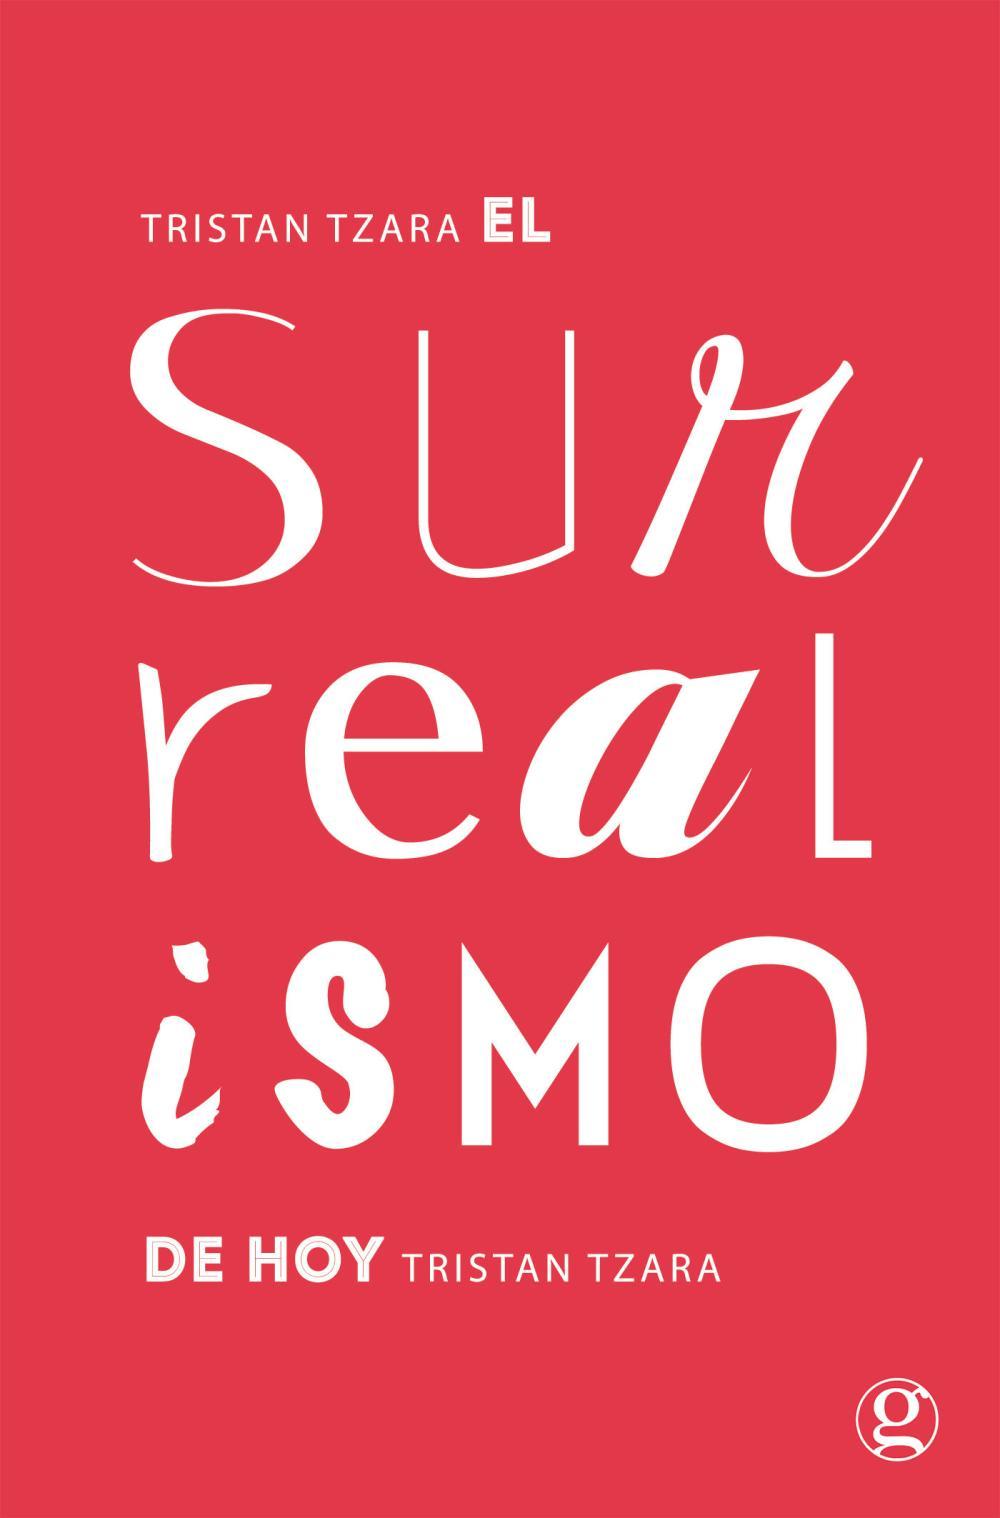 EL SURREALISMO DE HOY